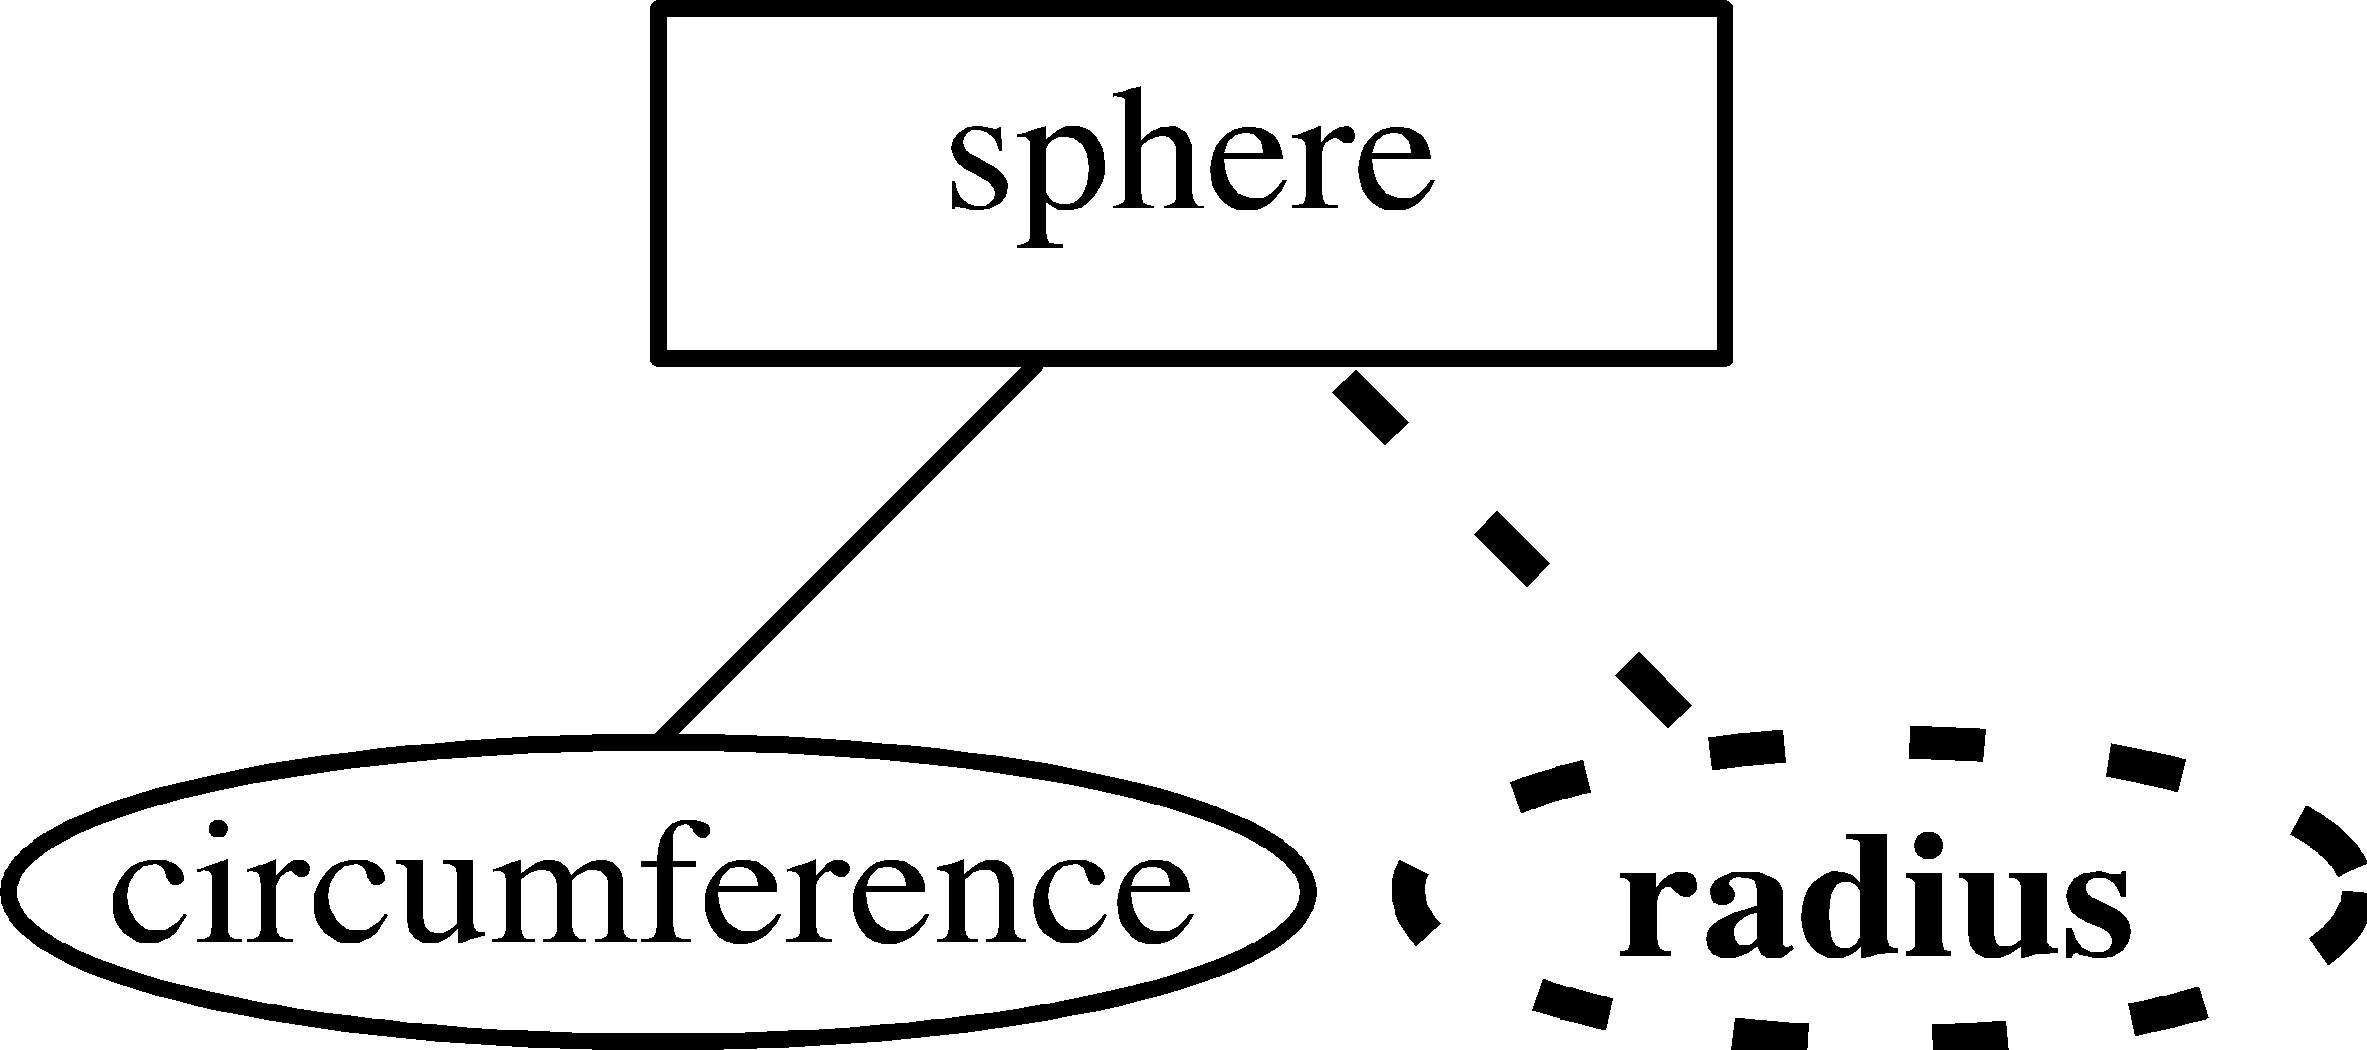 Entity-Relationship Model Home Page in Er Diagram Underline